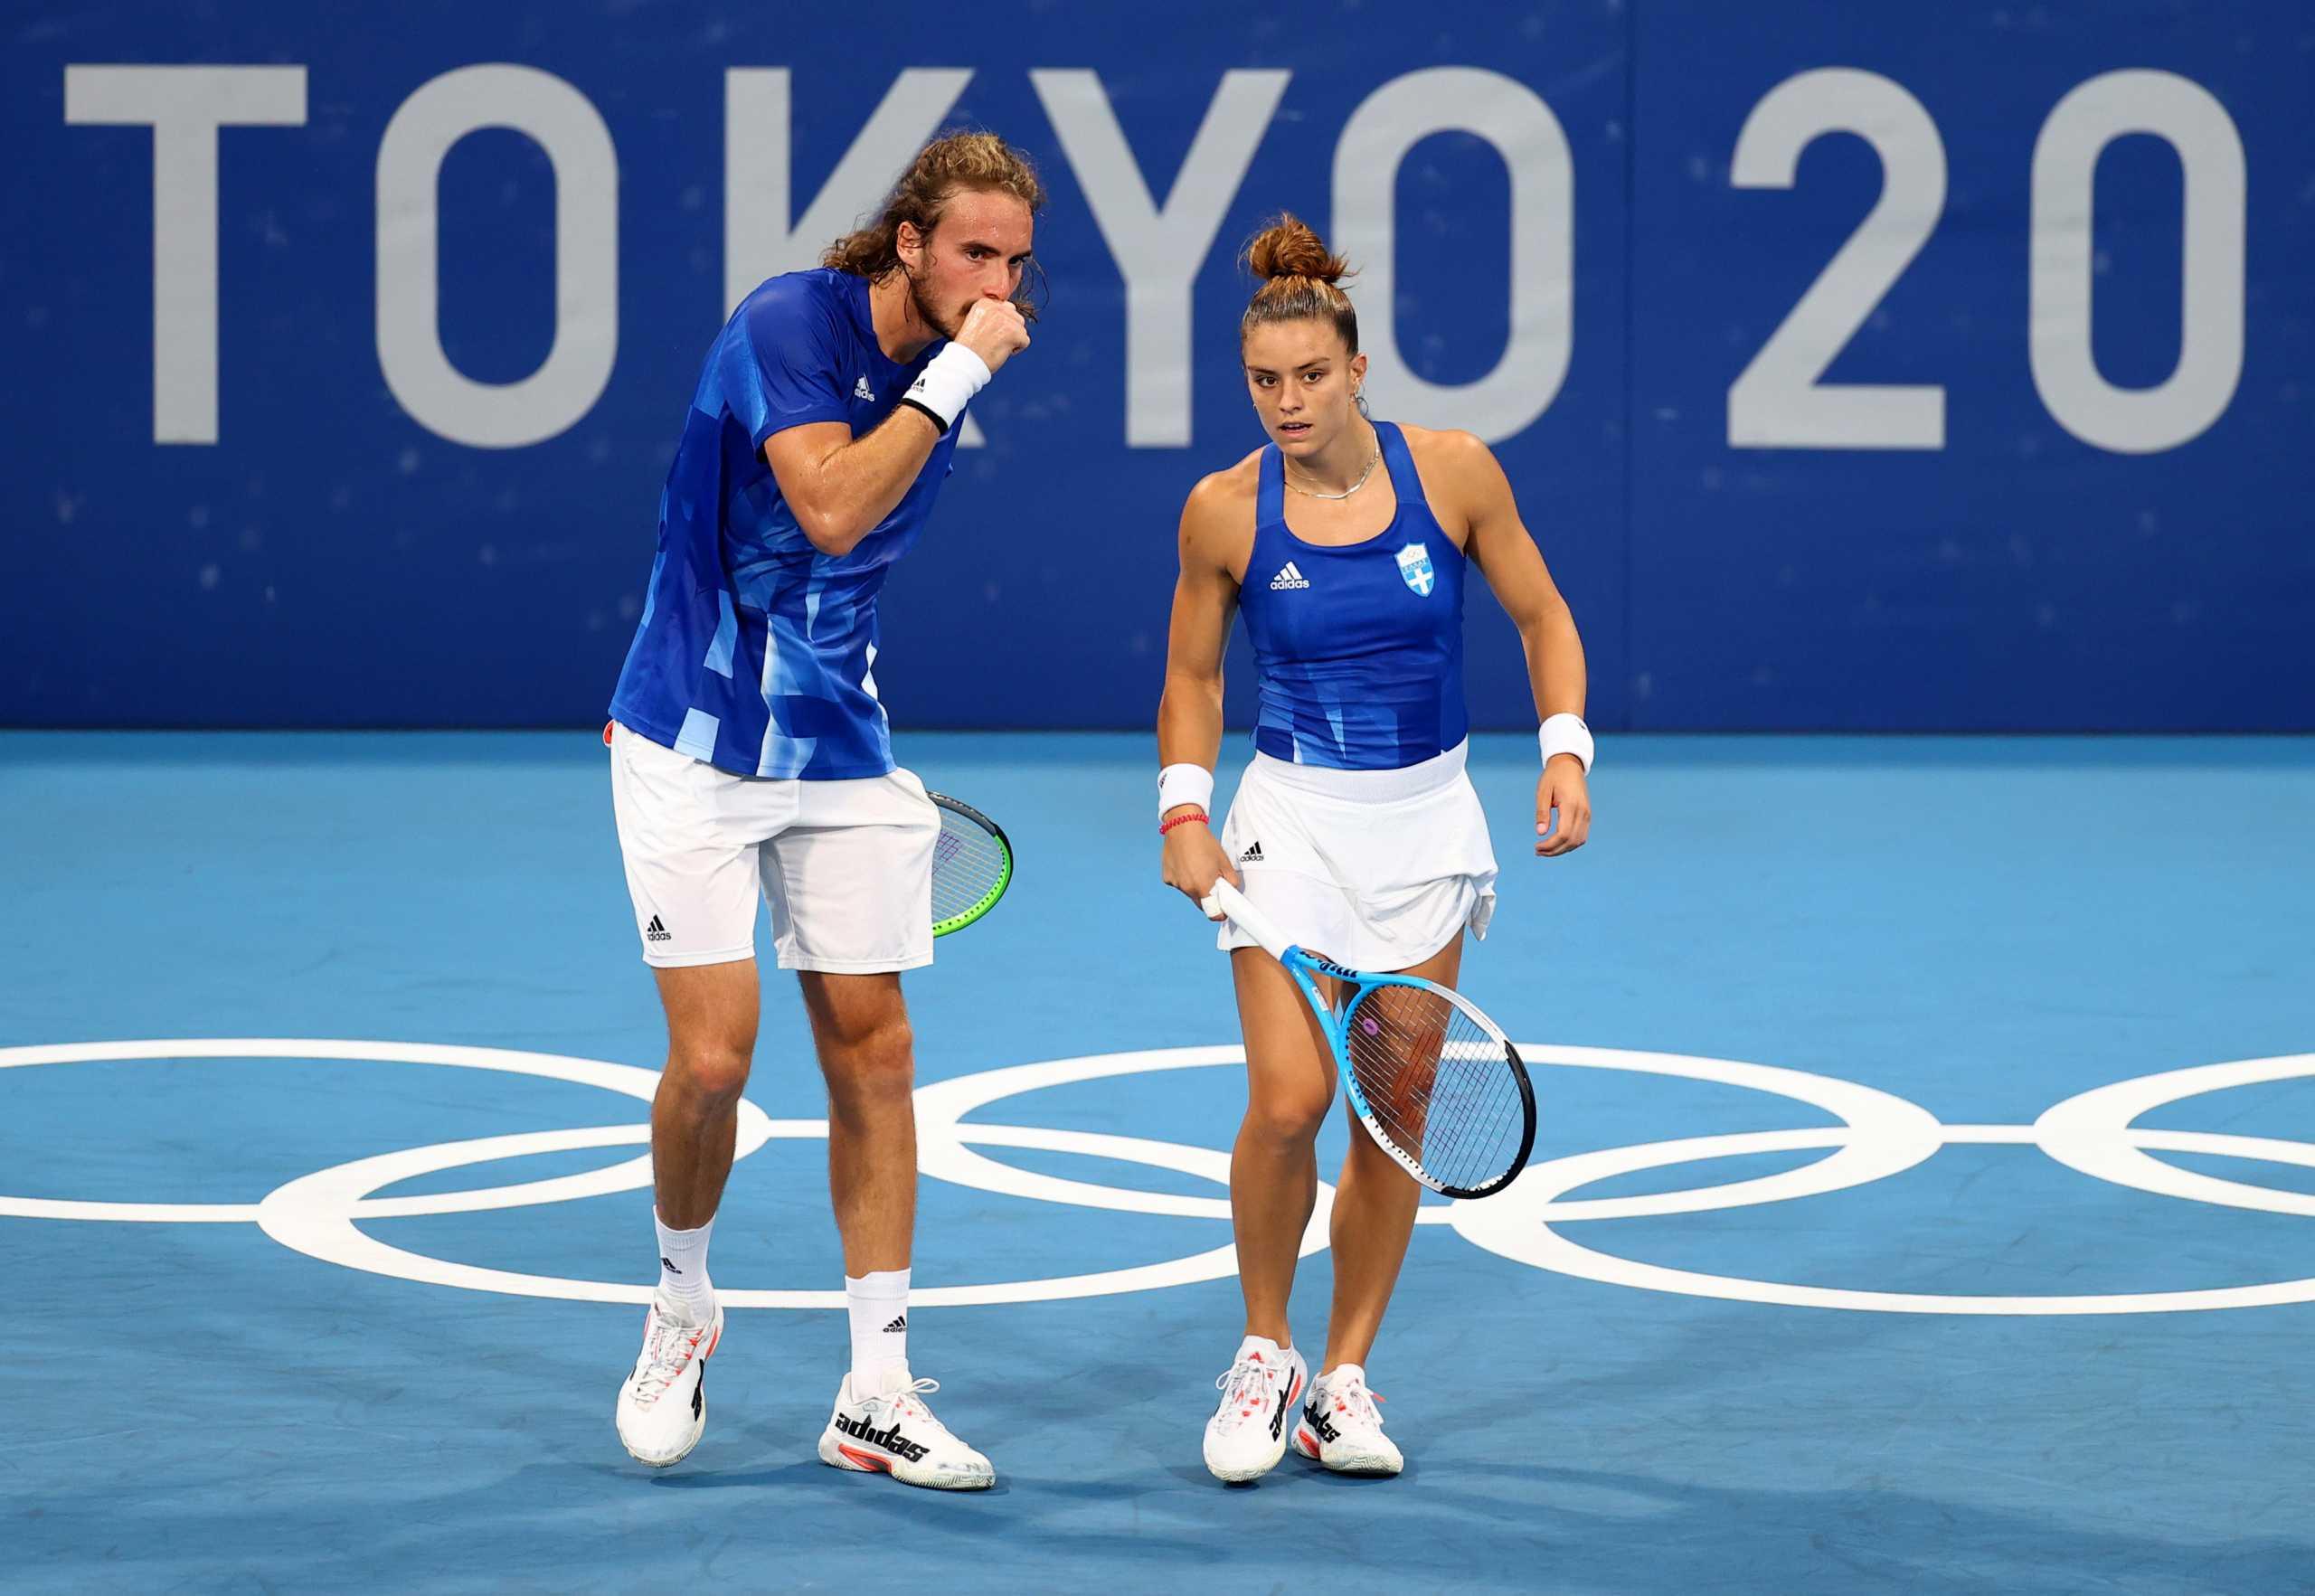 Στέφανος Τσιτσιπάς – Μαρία Σάκκαρη: Πρόκριση στα προημιτελικά του μεικτού διπλού στο τένις